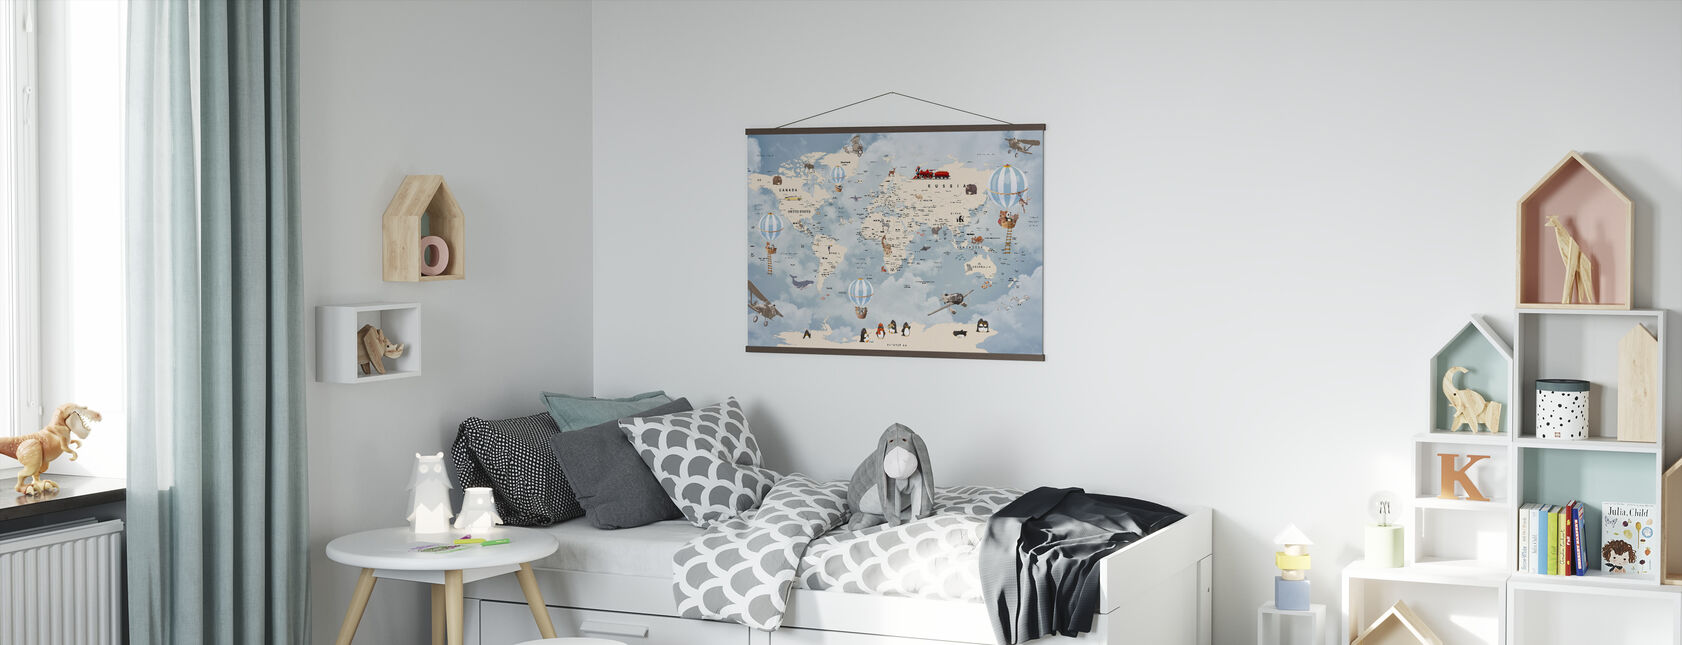 Zwierzęta Strona główna Mapa - Plakat - Pokój dziecięcy